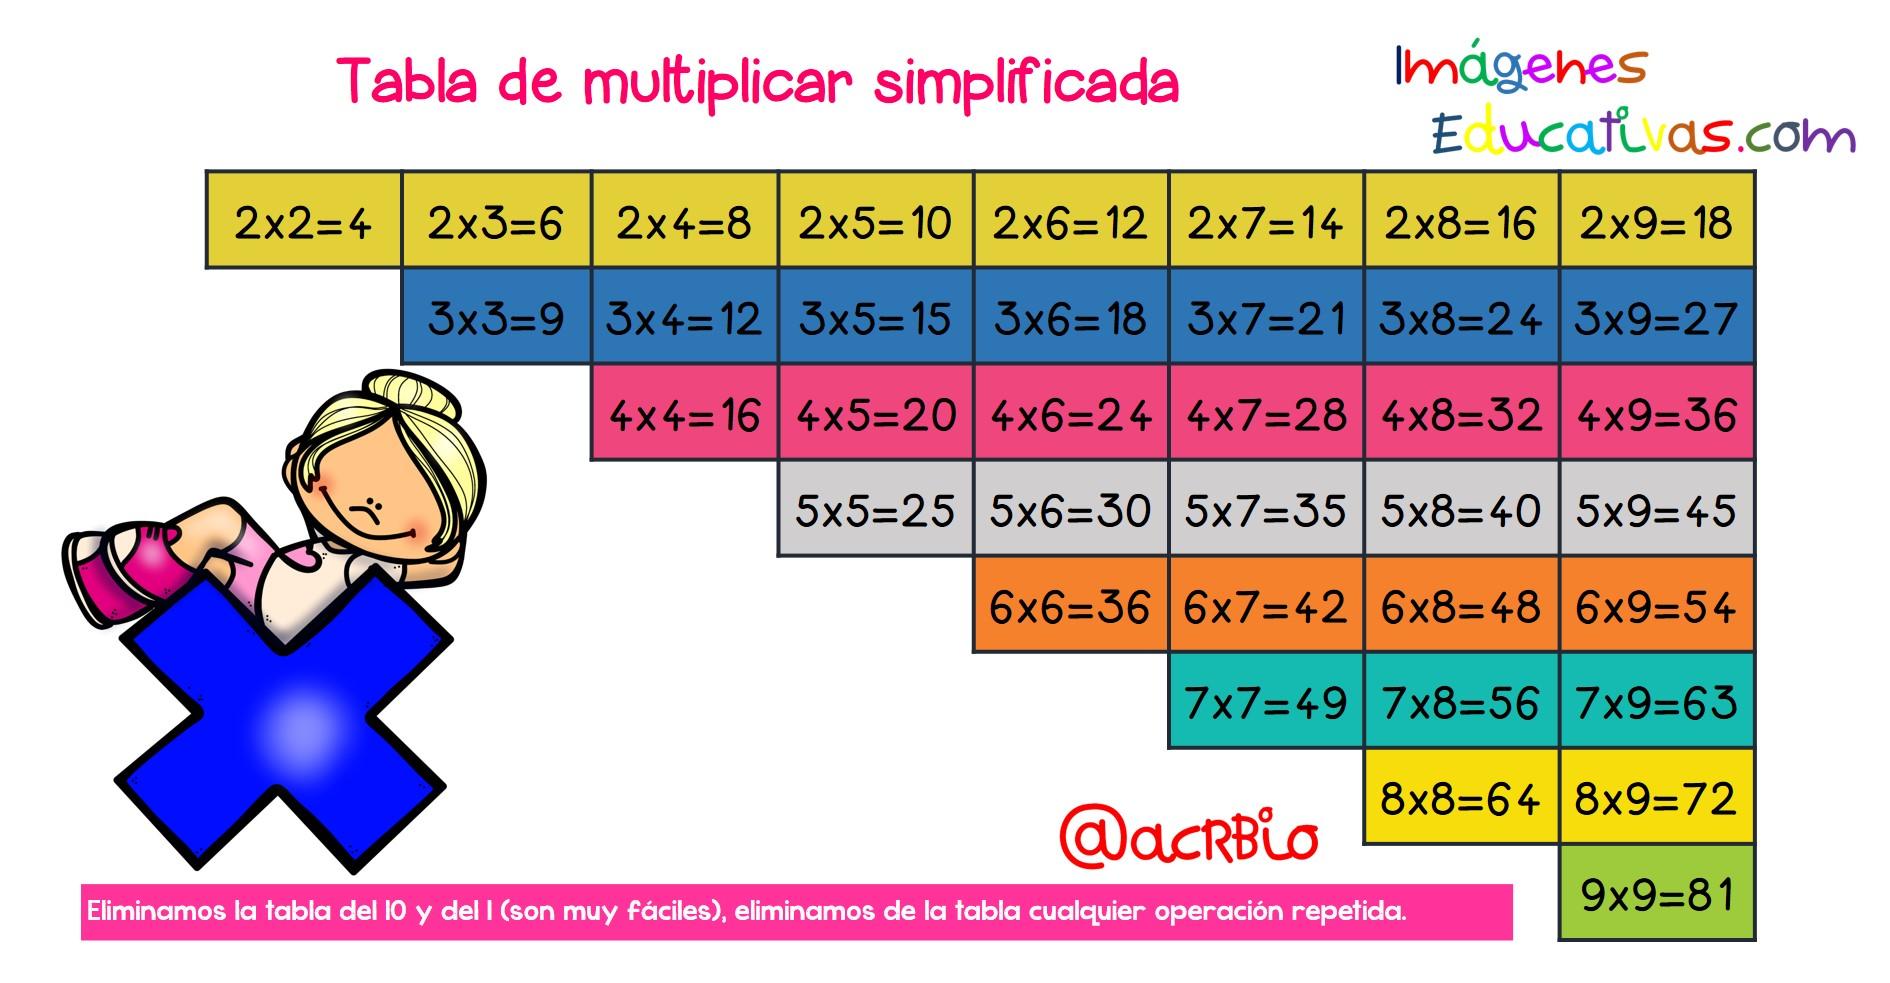 Repasar las tablas de multiplicar.